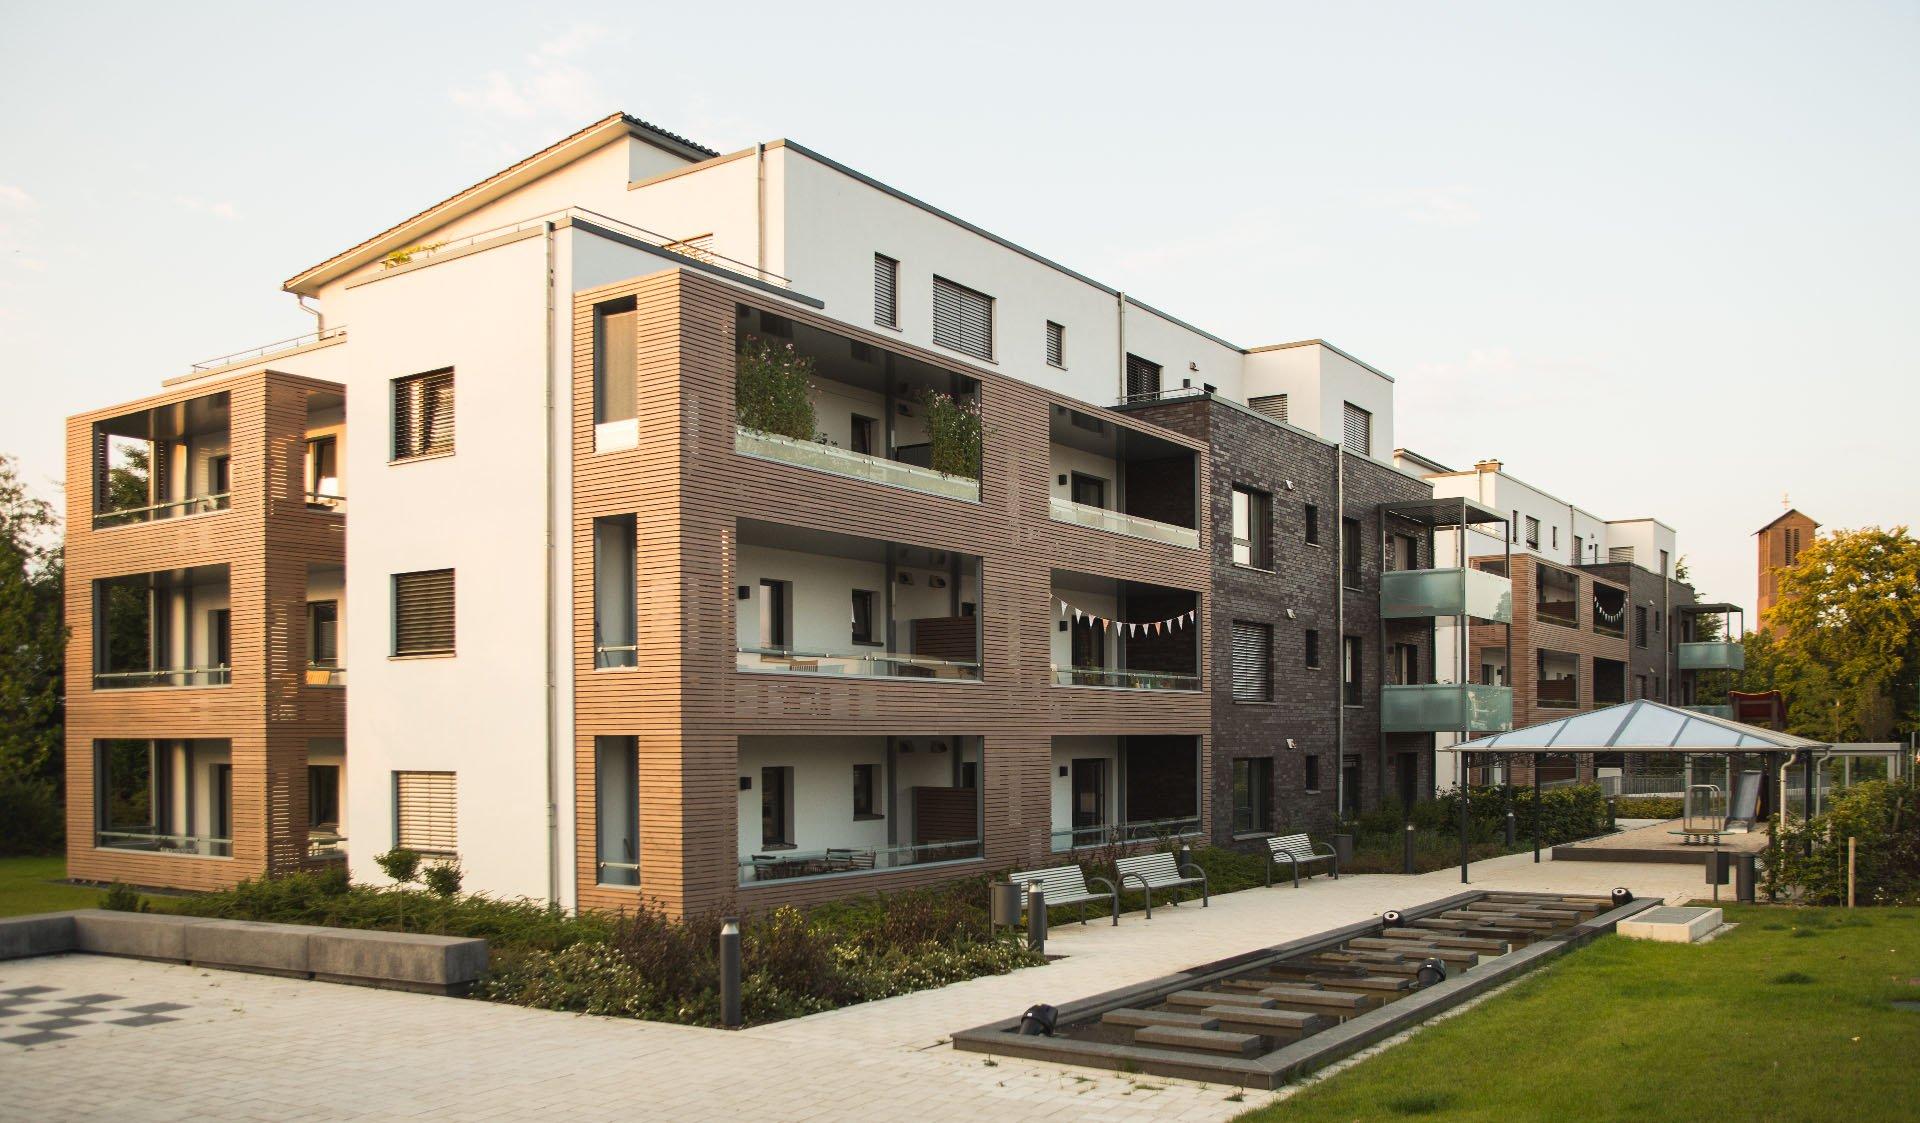 Häuser mit Balkon